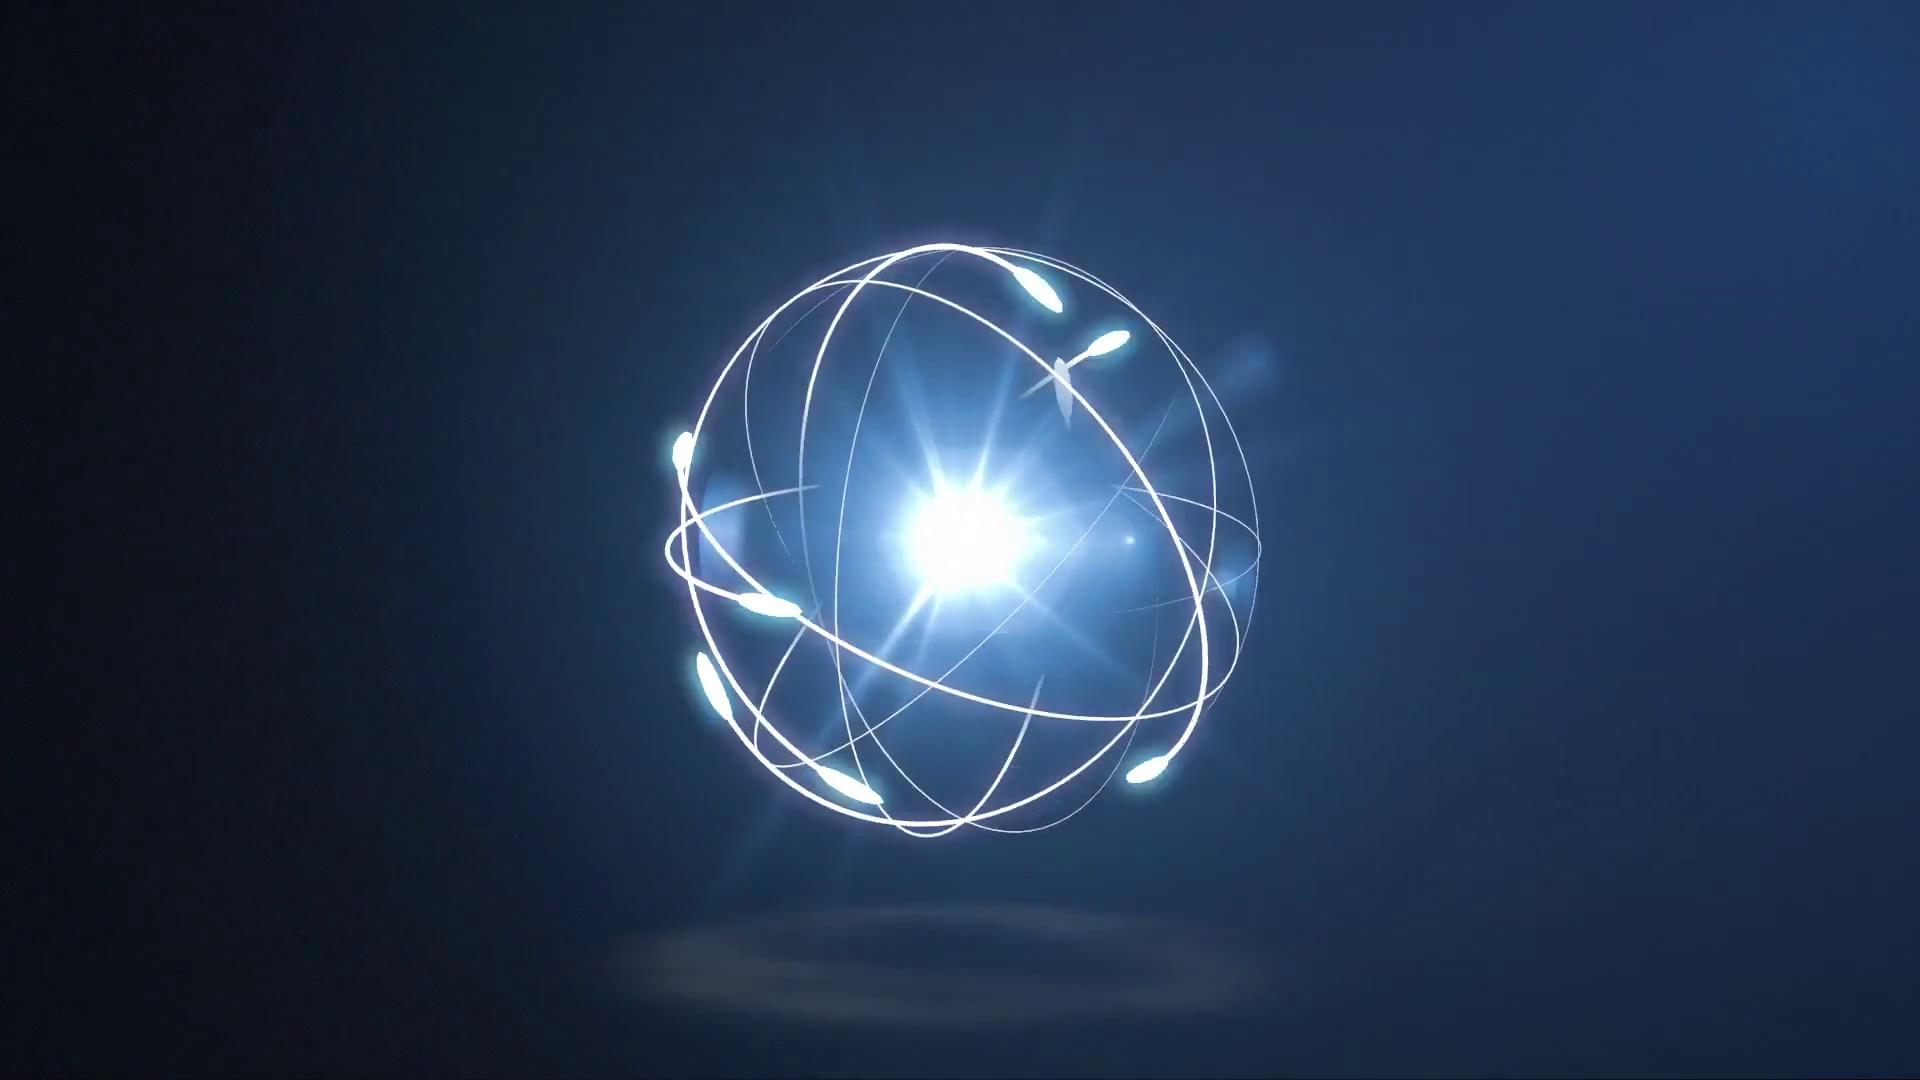 炫酷线条运动圆球光效环绕旋转视频素材